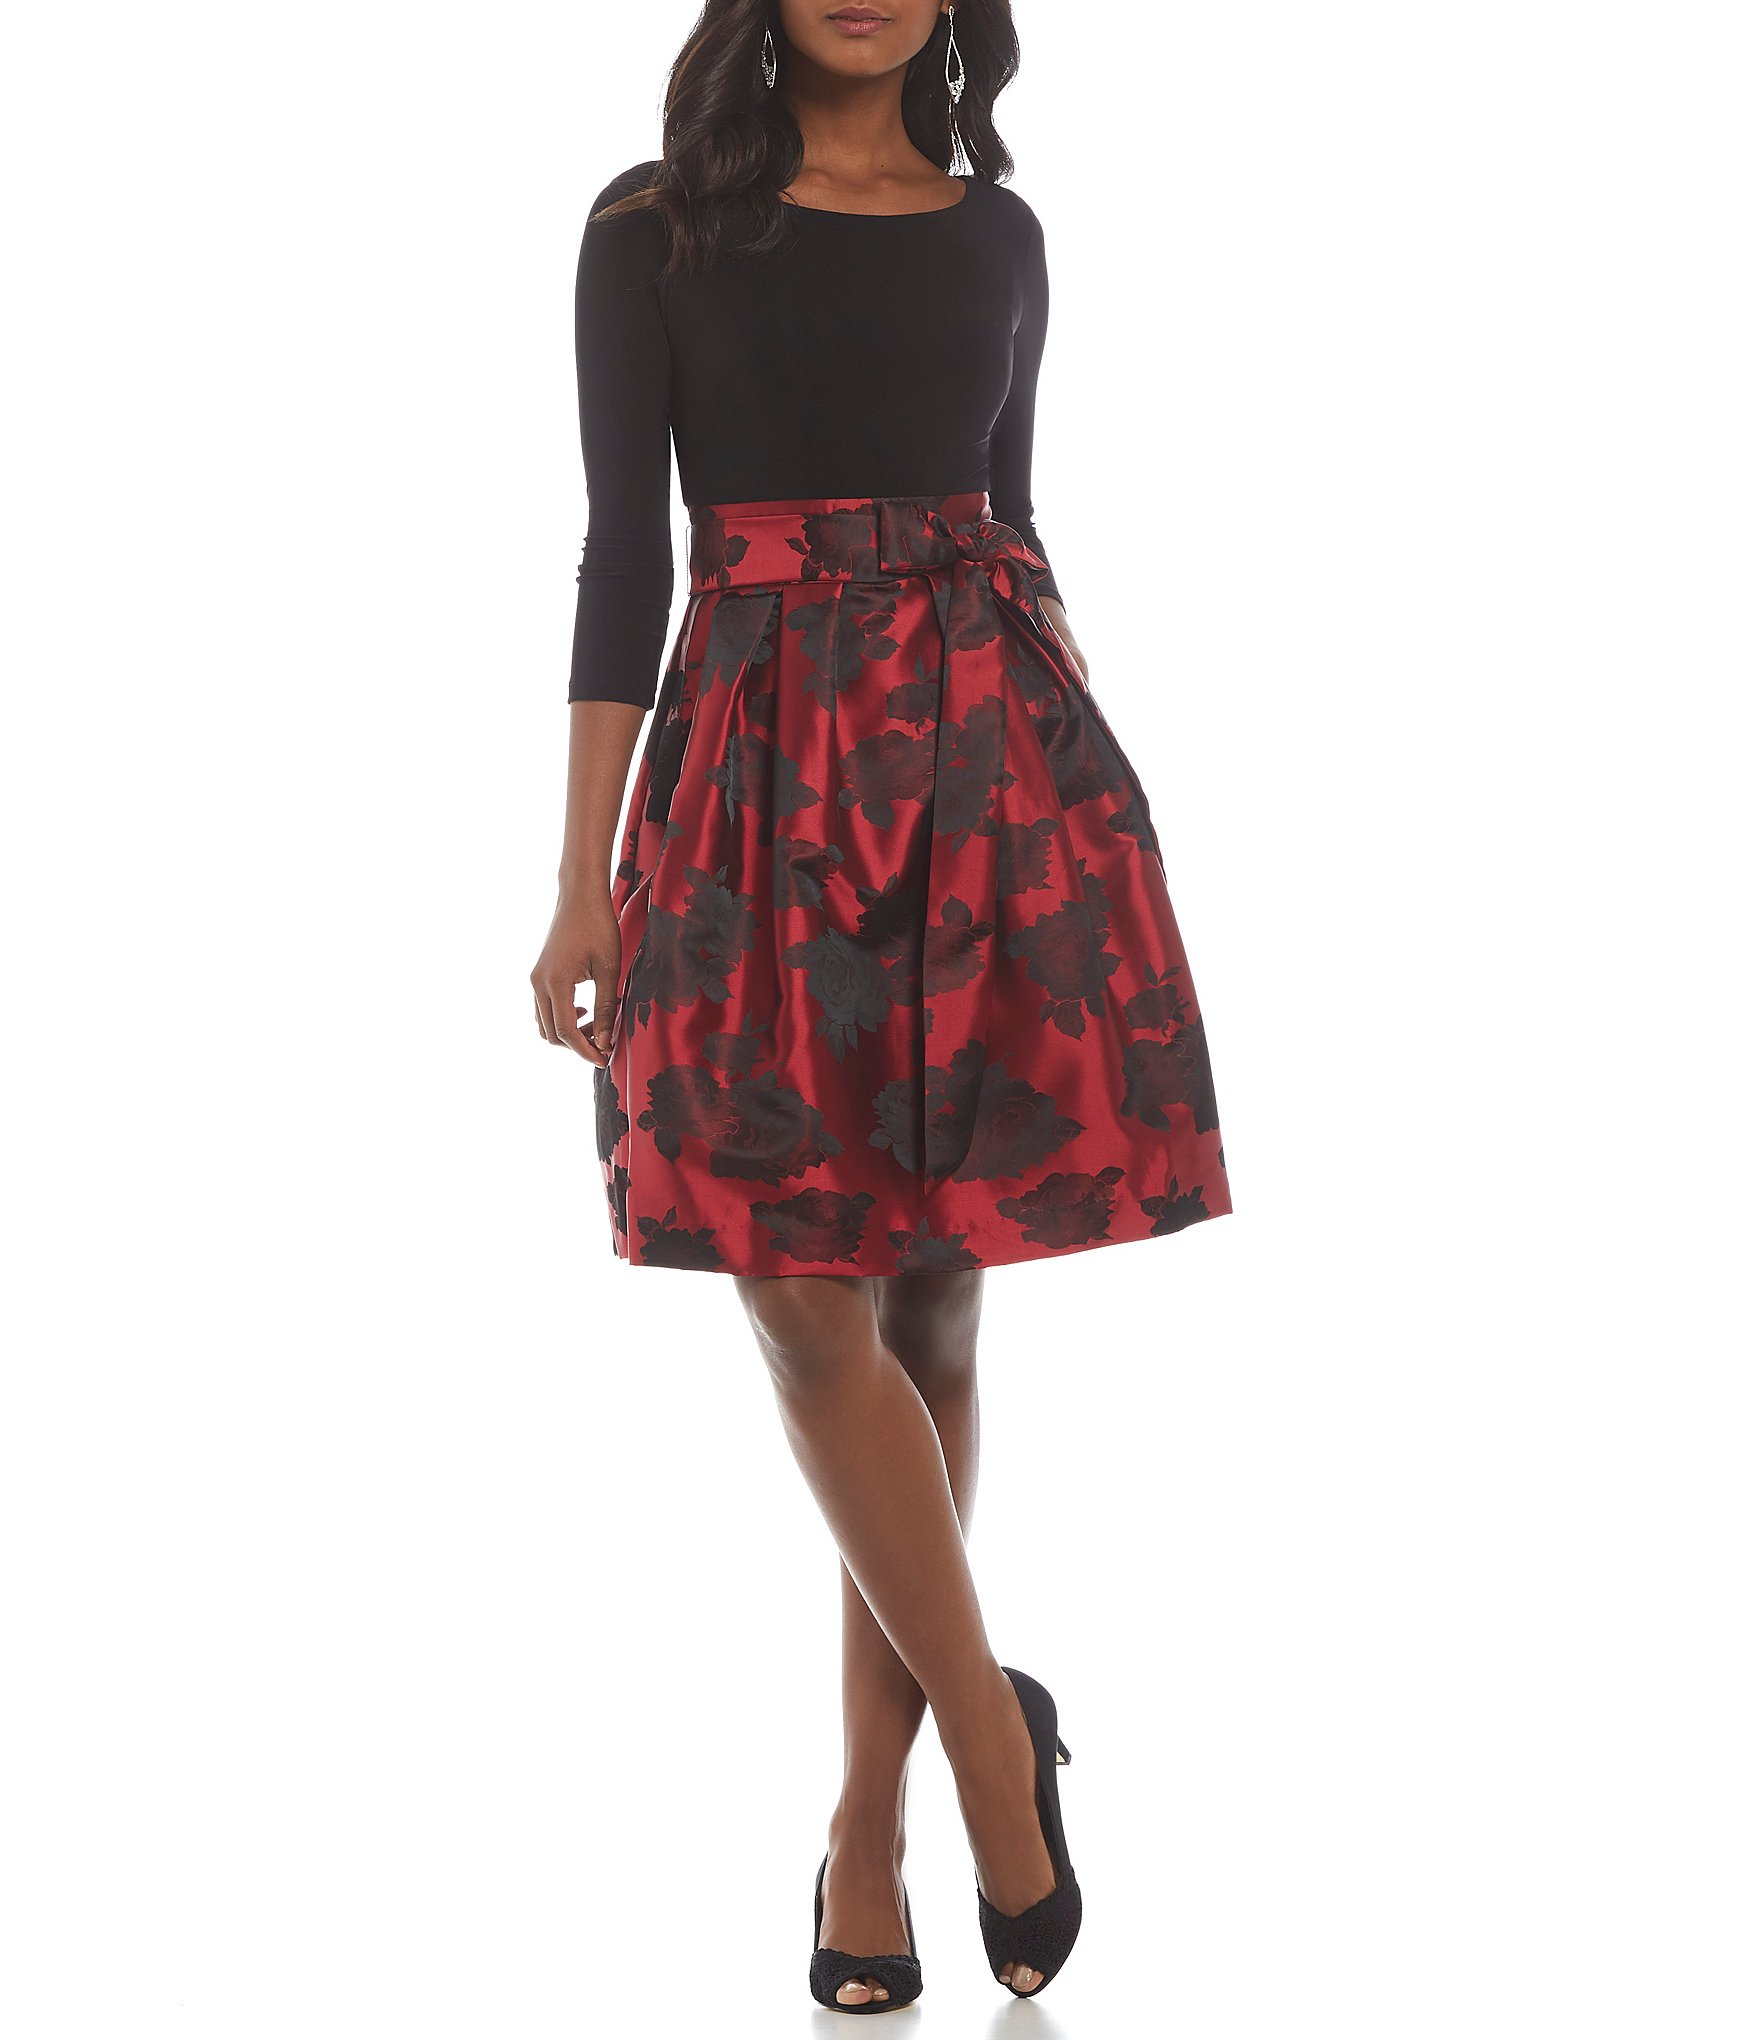 Red cocktail dress dillards tucson mall